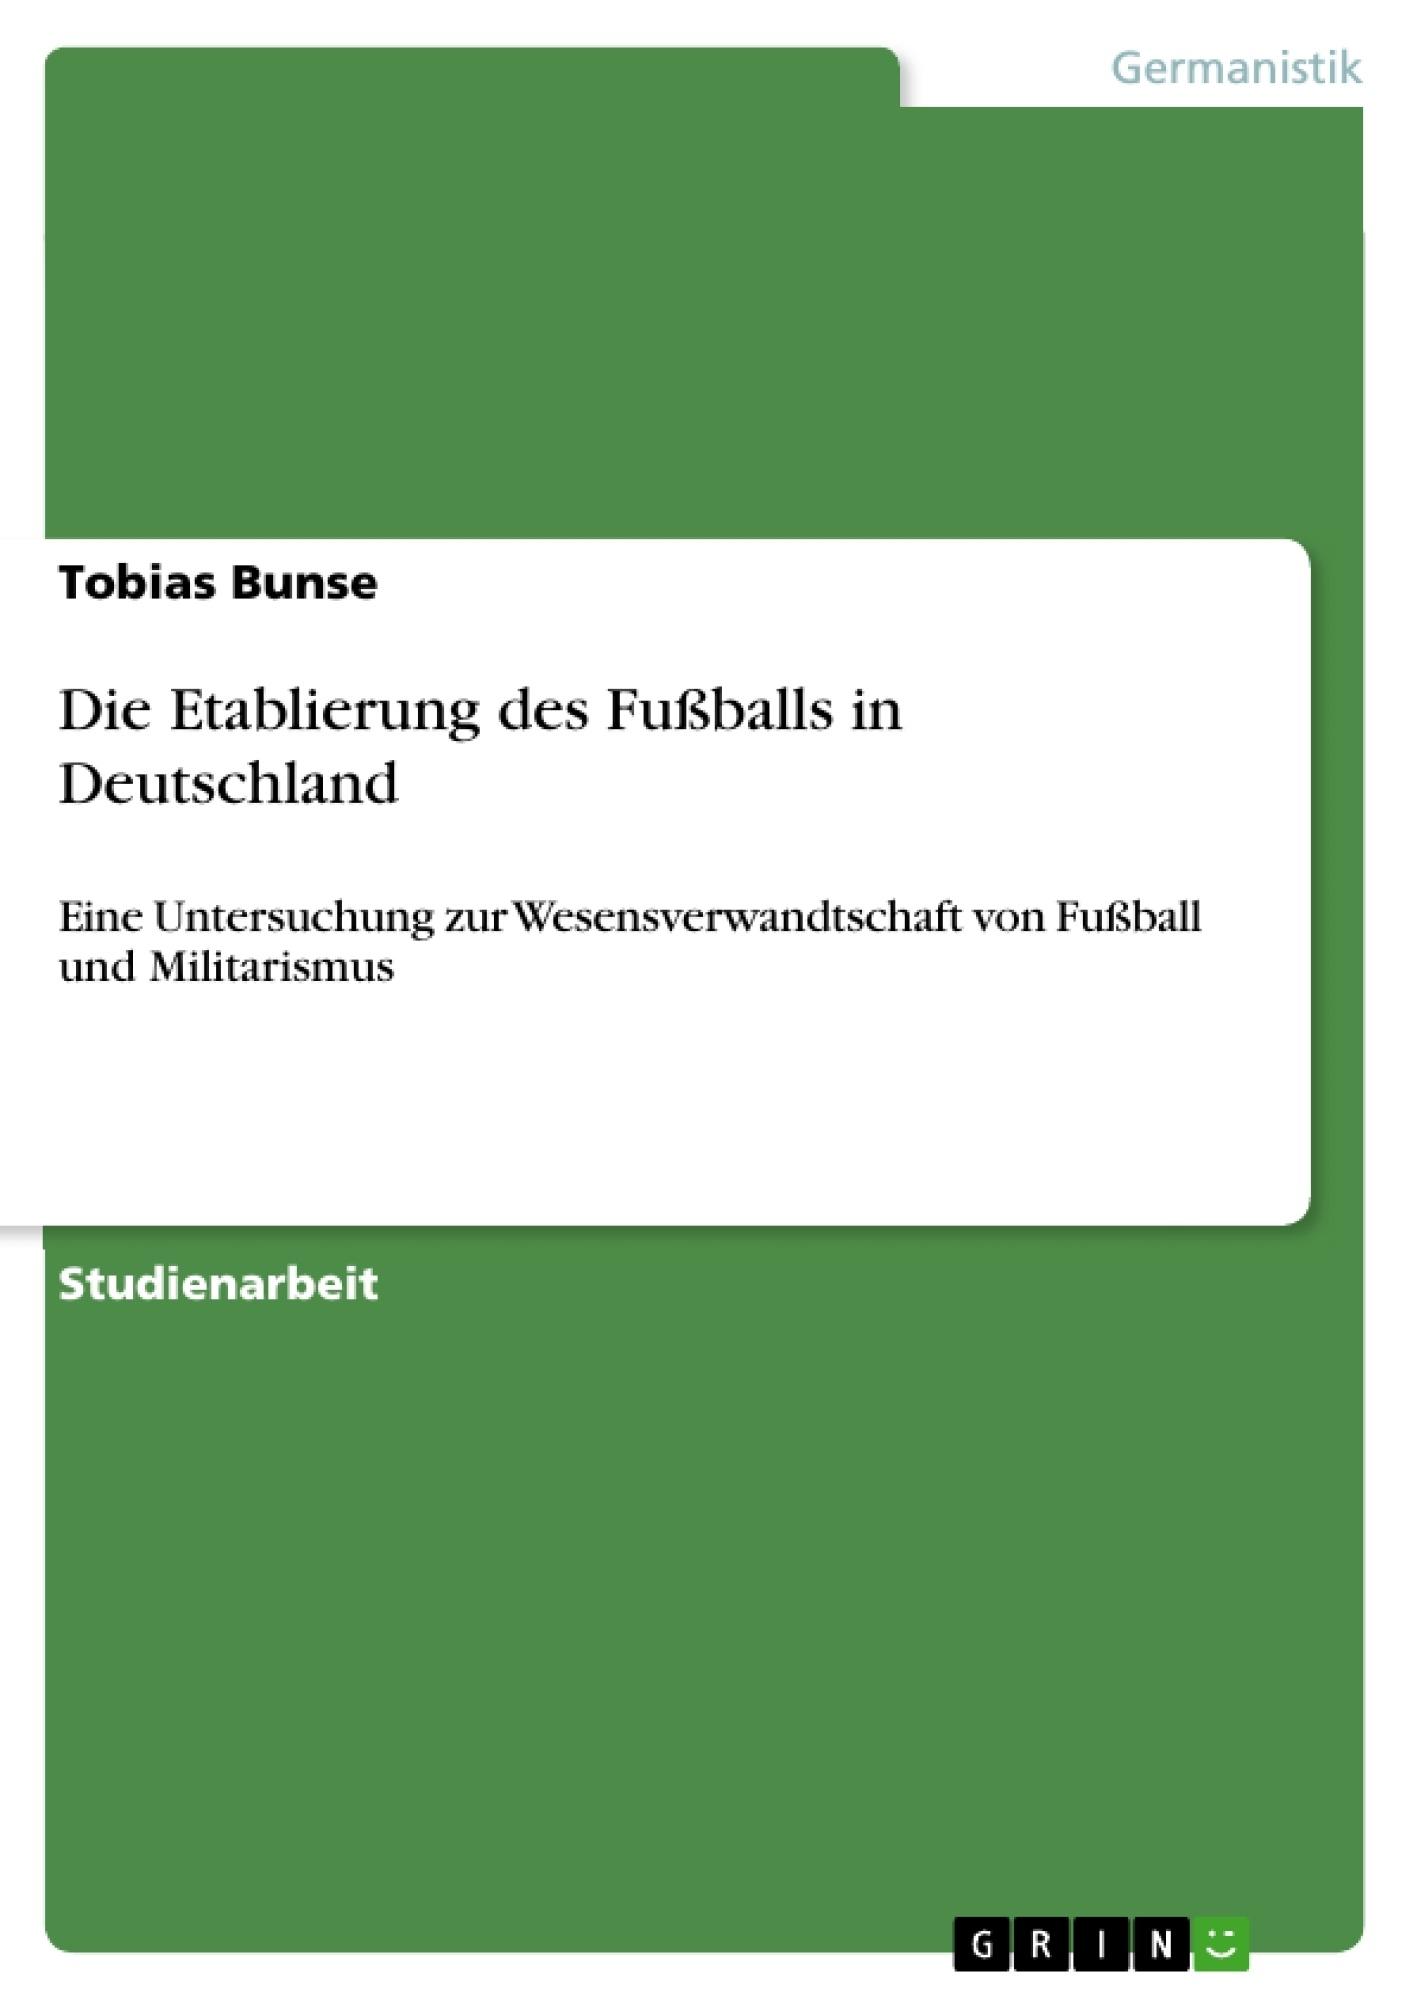 Titel: Die Etablierung des Fußballs in Deutschland